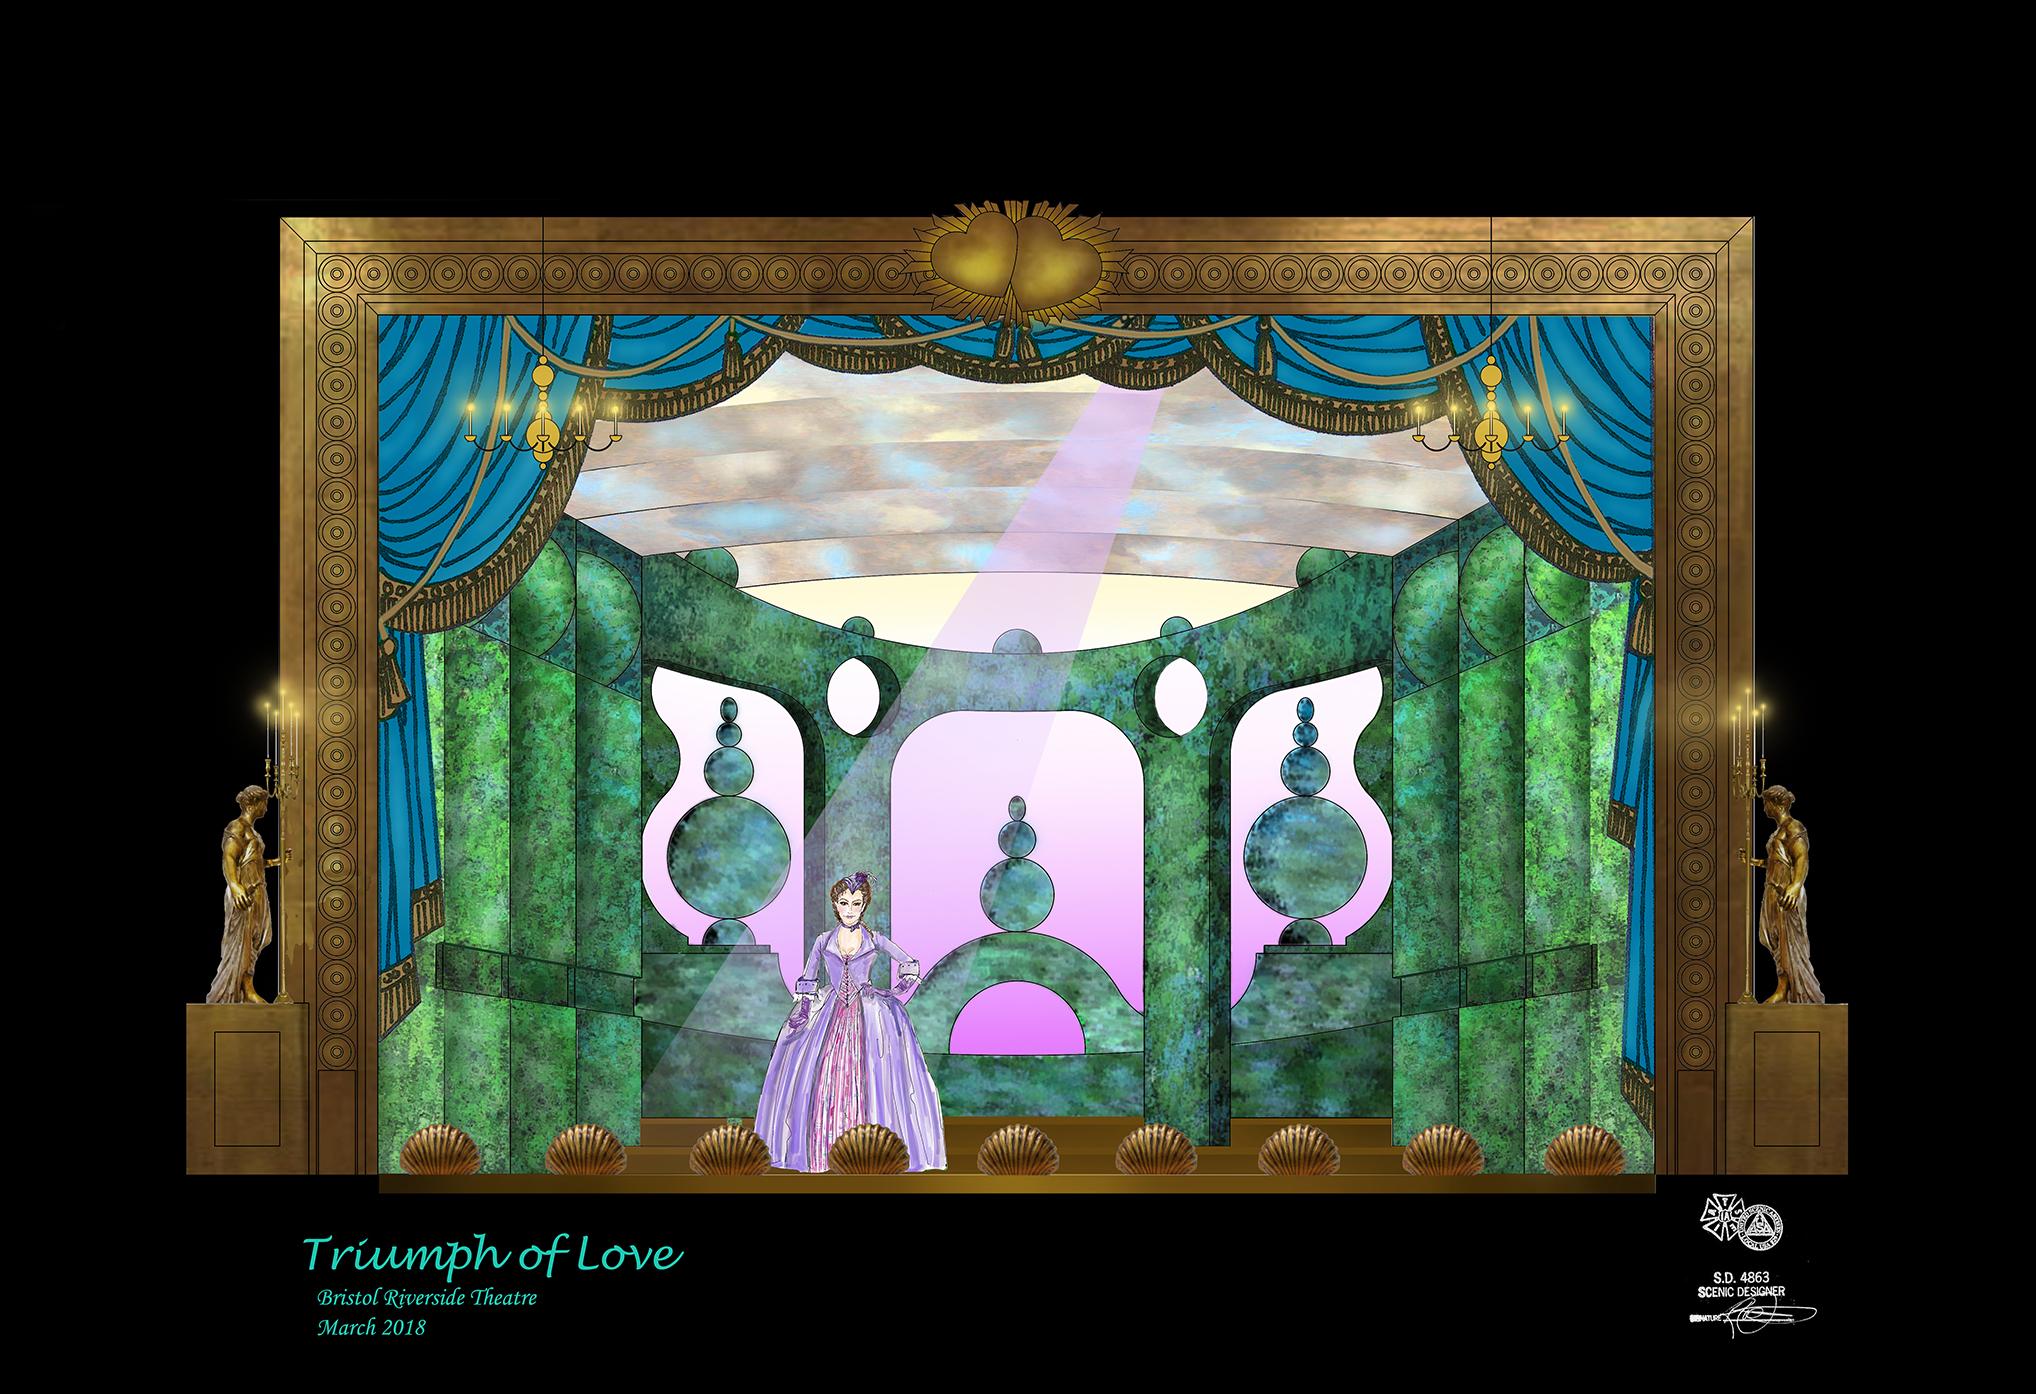 triumph-of-love